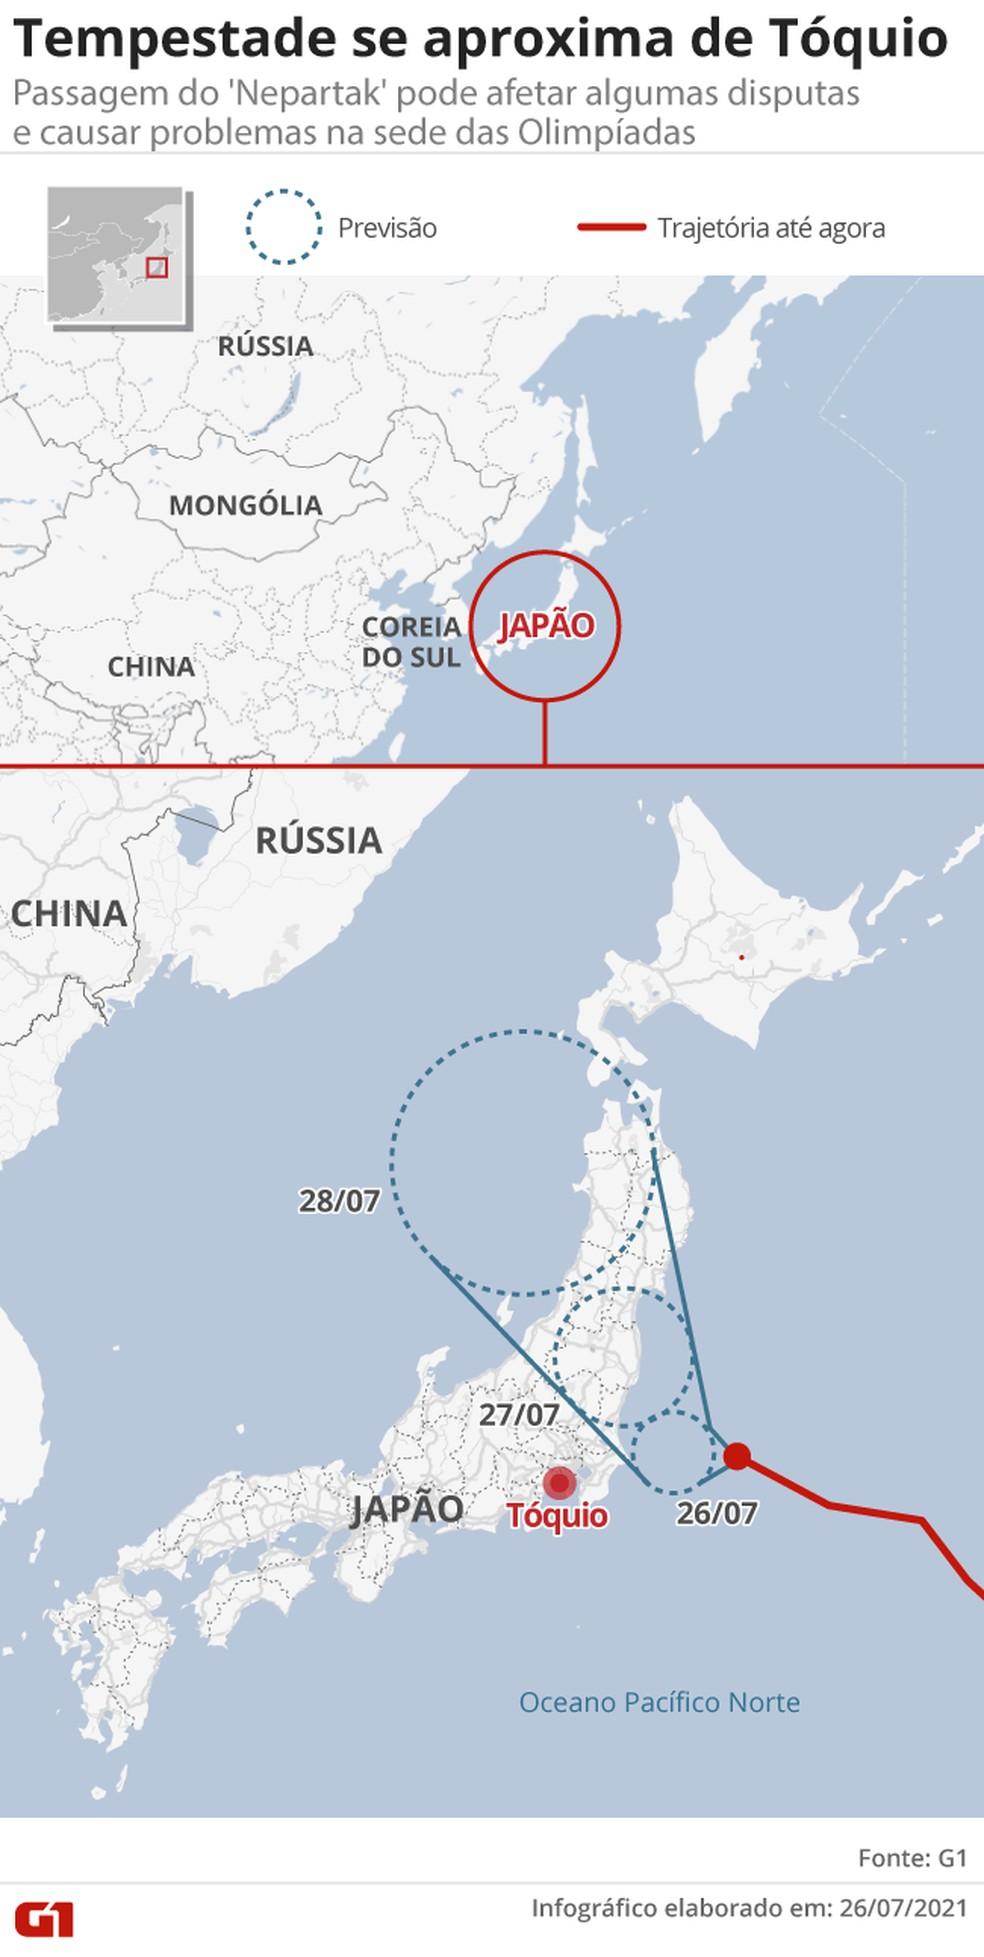 tempestade-se-aproxima-de-toquio-v3 Tóquio se prepara para a passagem do tufão Nepartak; Olimpíadas mudam horários de competições